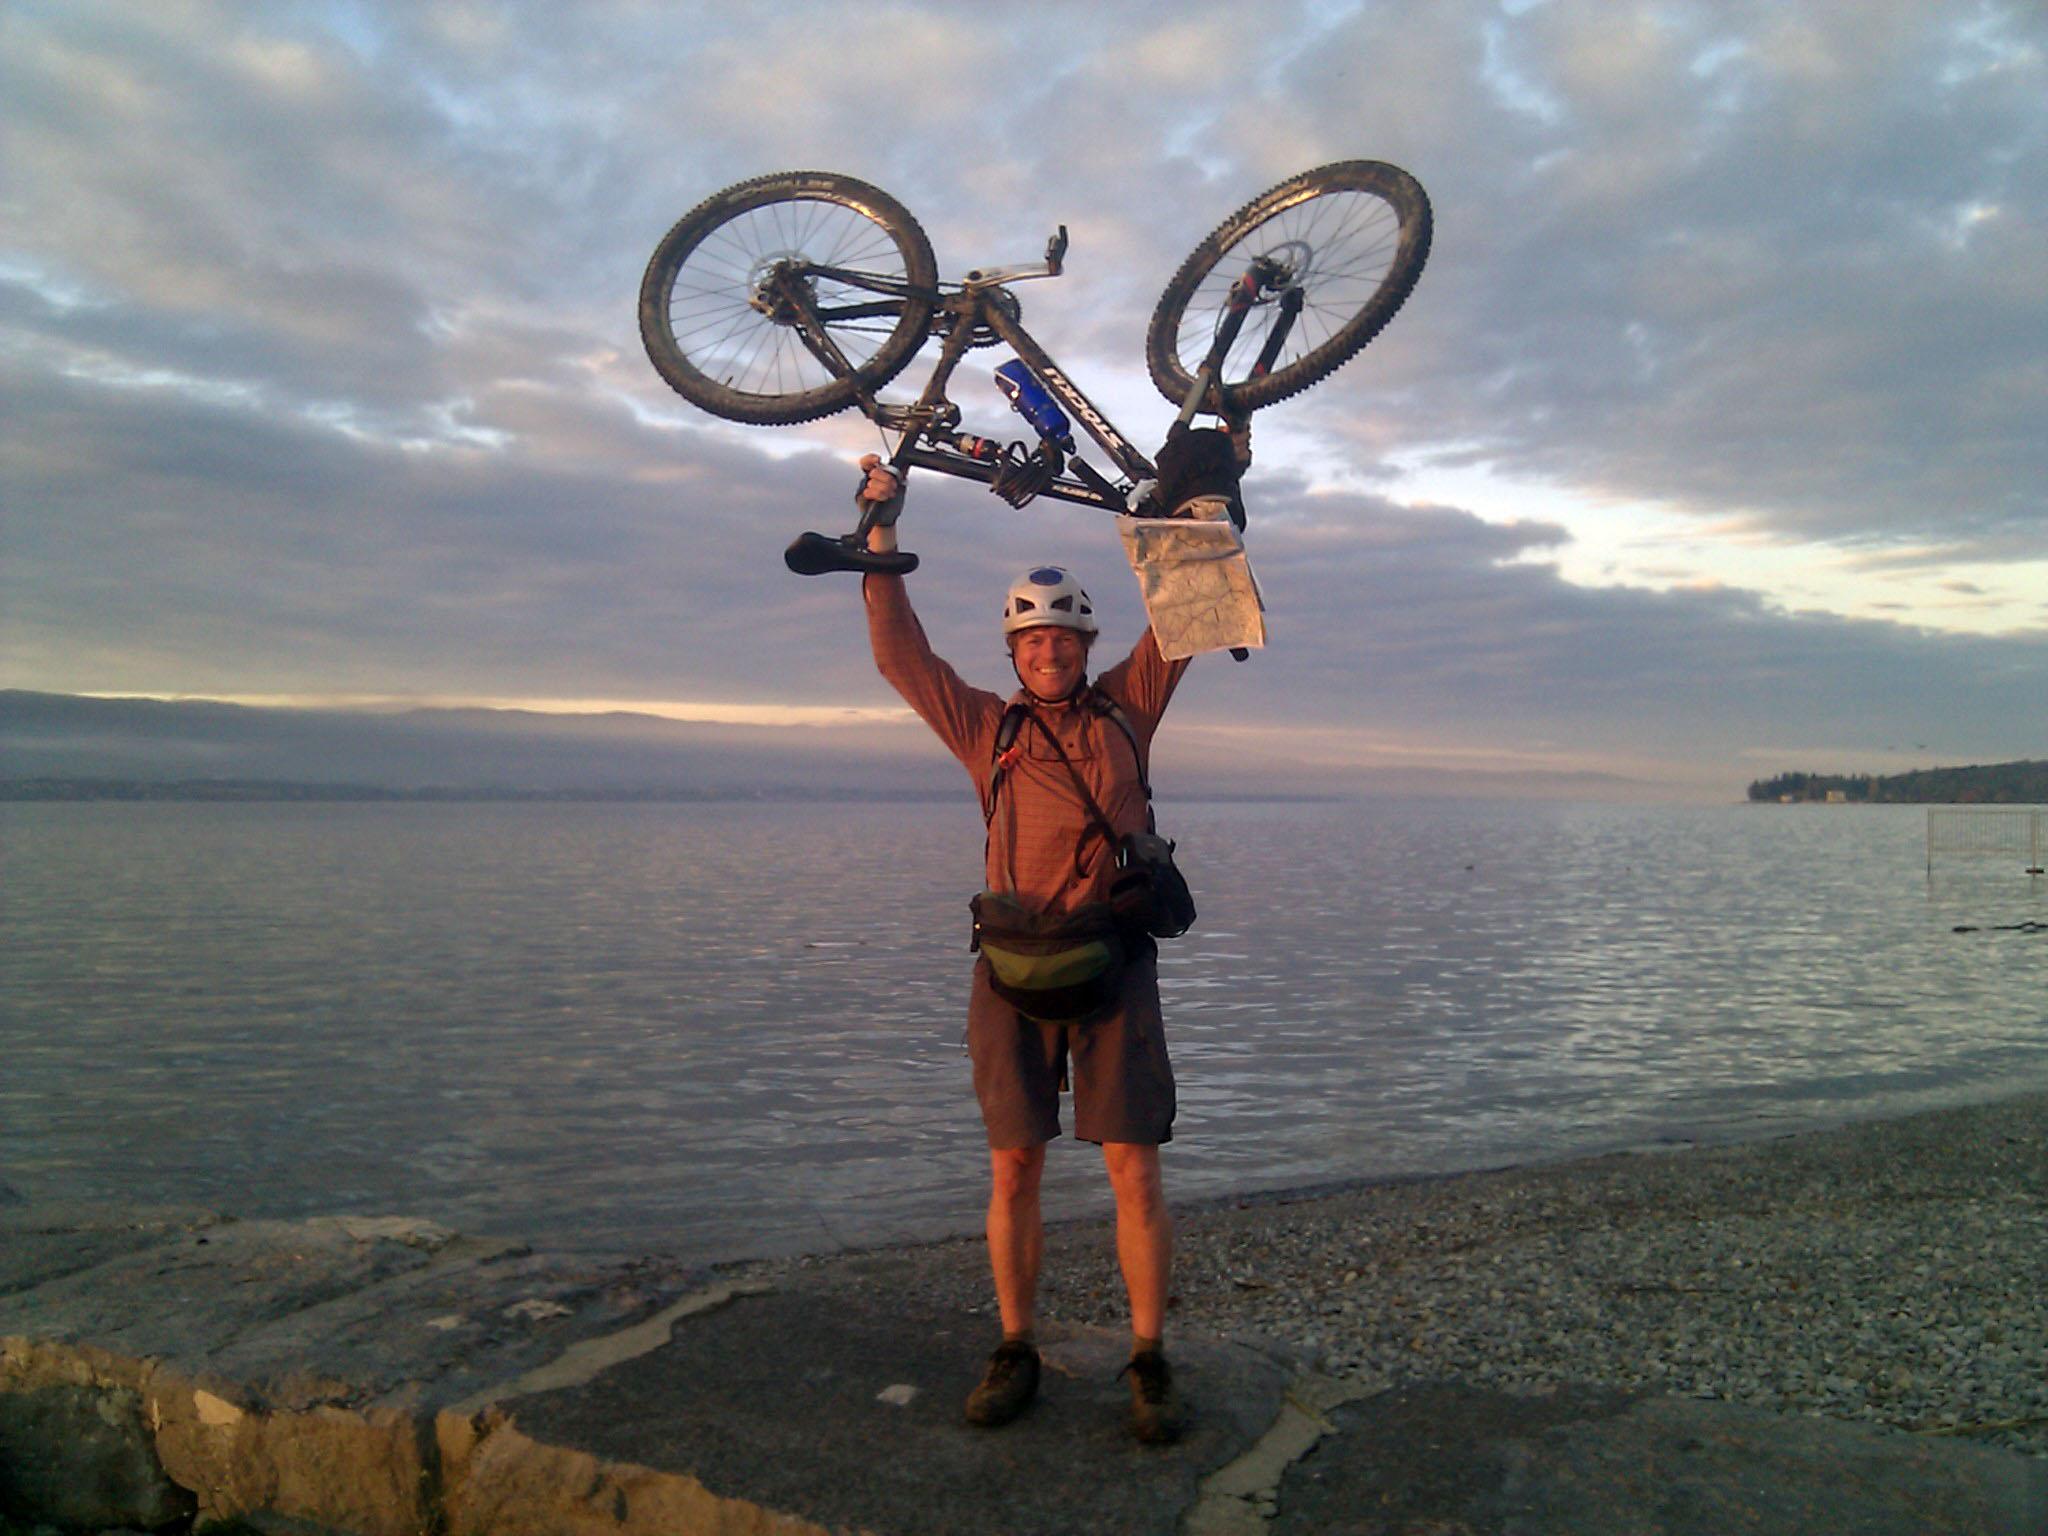 """28 de outubro de 2010: """"O fim da viagem de bicicleta. Às margens do lago de Genebra no pequeno vilarejo de Hermance, onde encontro um castelo medieval."""""""